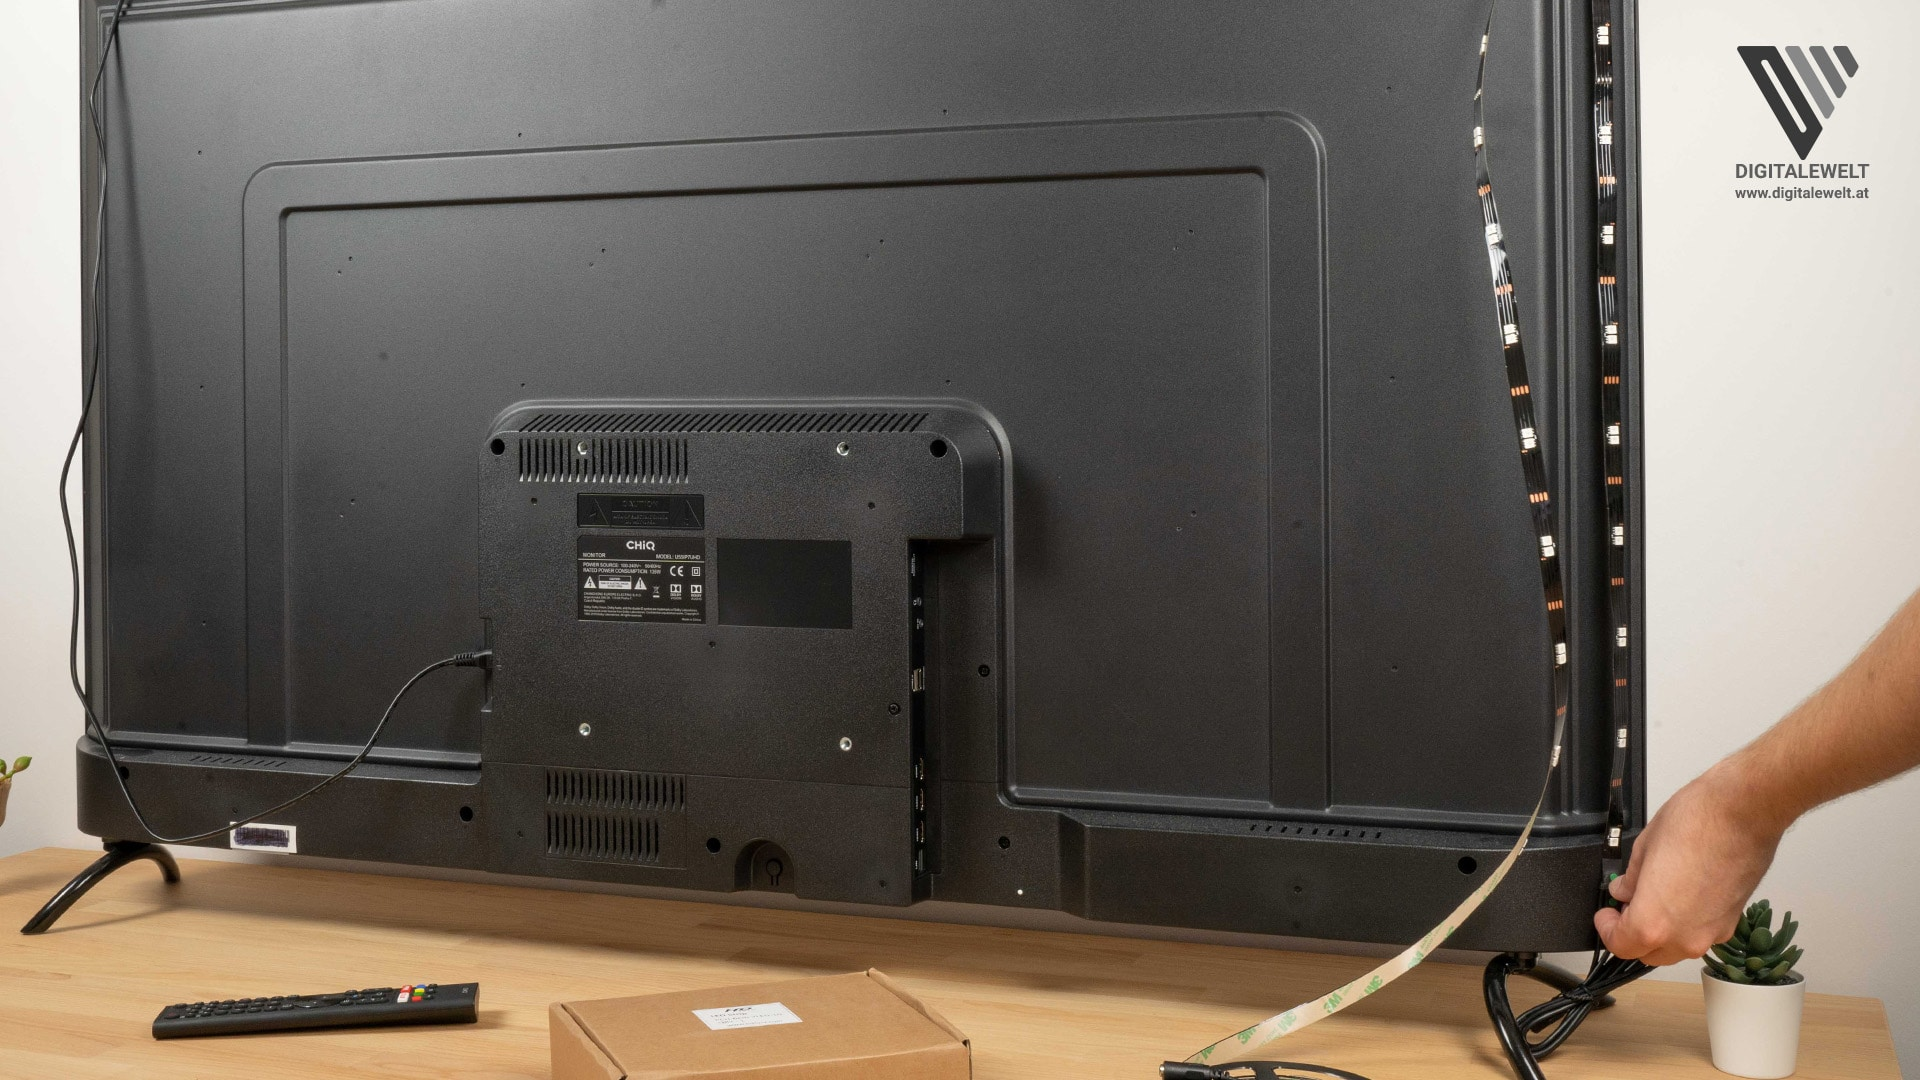 HDFury DIVA Ambilight - Länge der LED-Streifen überprüfen - digitalewelt.at